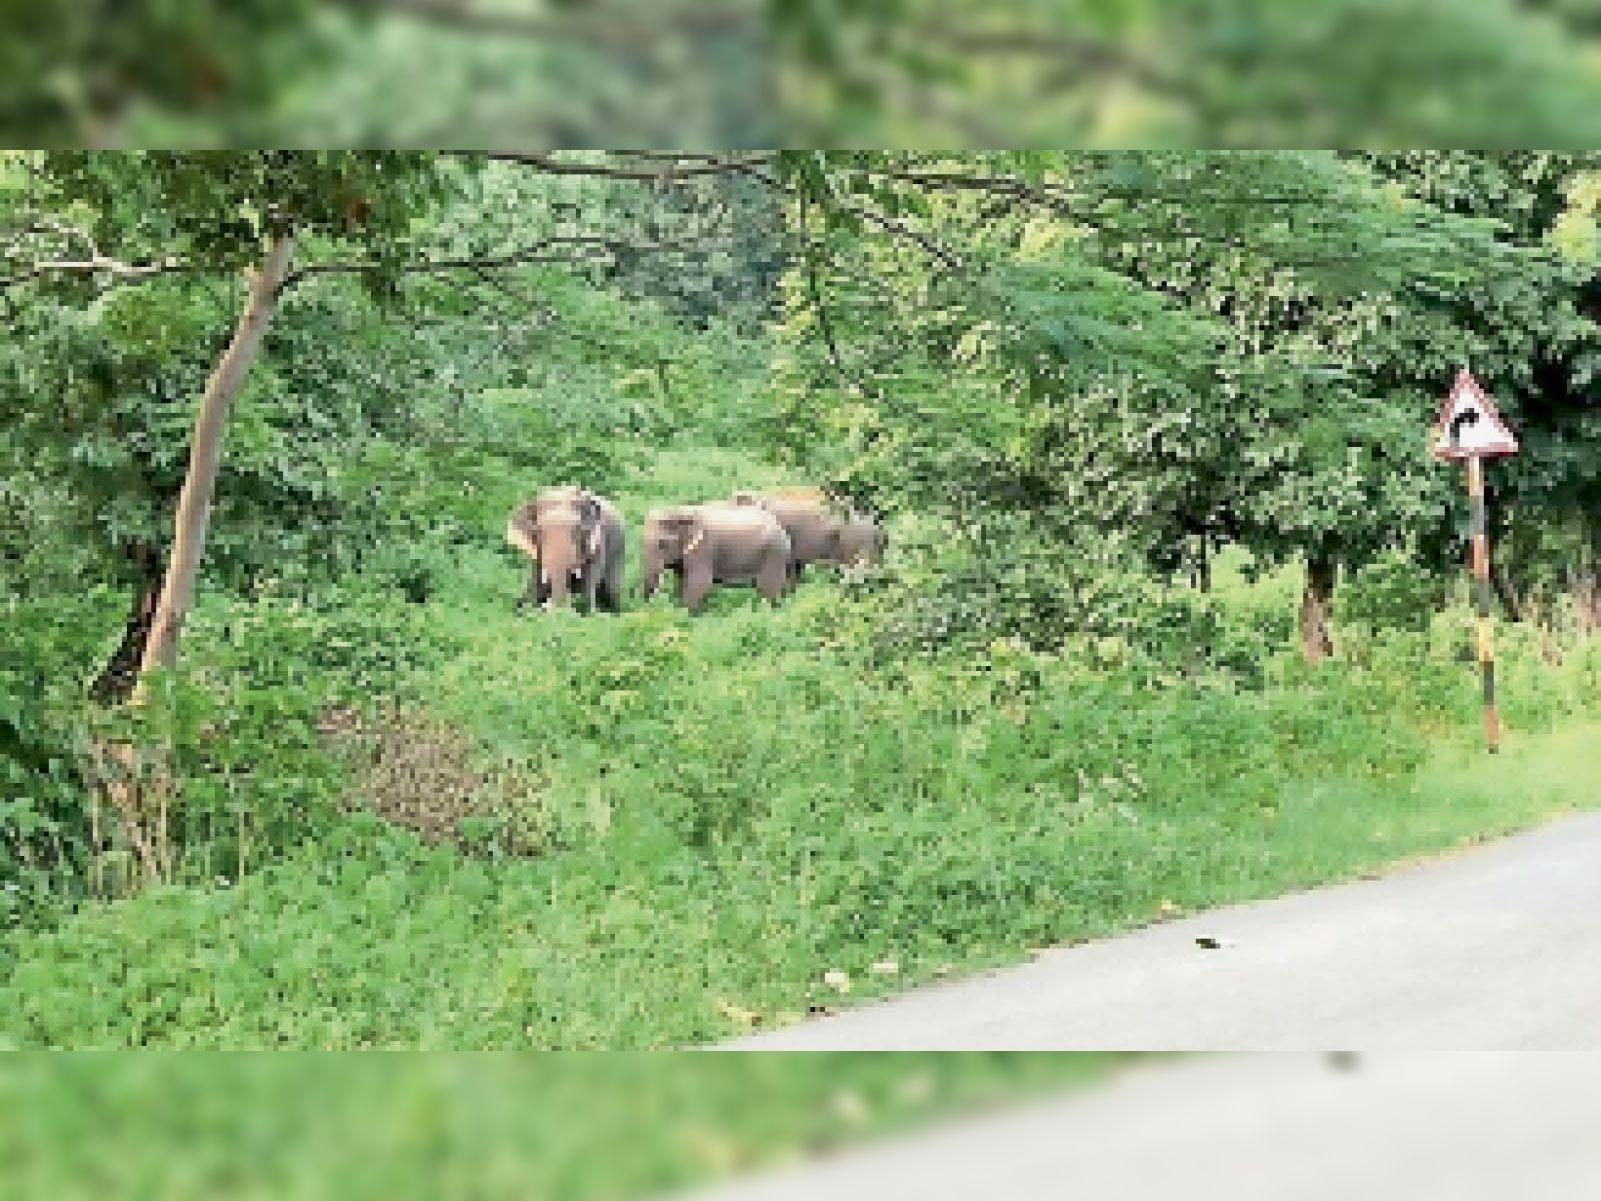 शुक्रवार दोपहर 12 बजे 3 दंतैल हाथी गंगरेल डुबान हरफर के कक्ष क्रमांक 185 में सड़क किनारे घूमते रहे। - Dainik Bhaskar